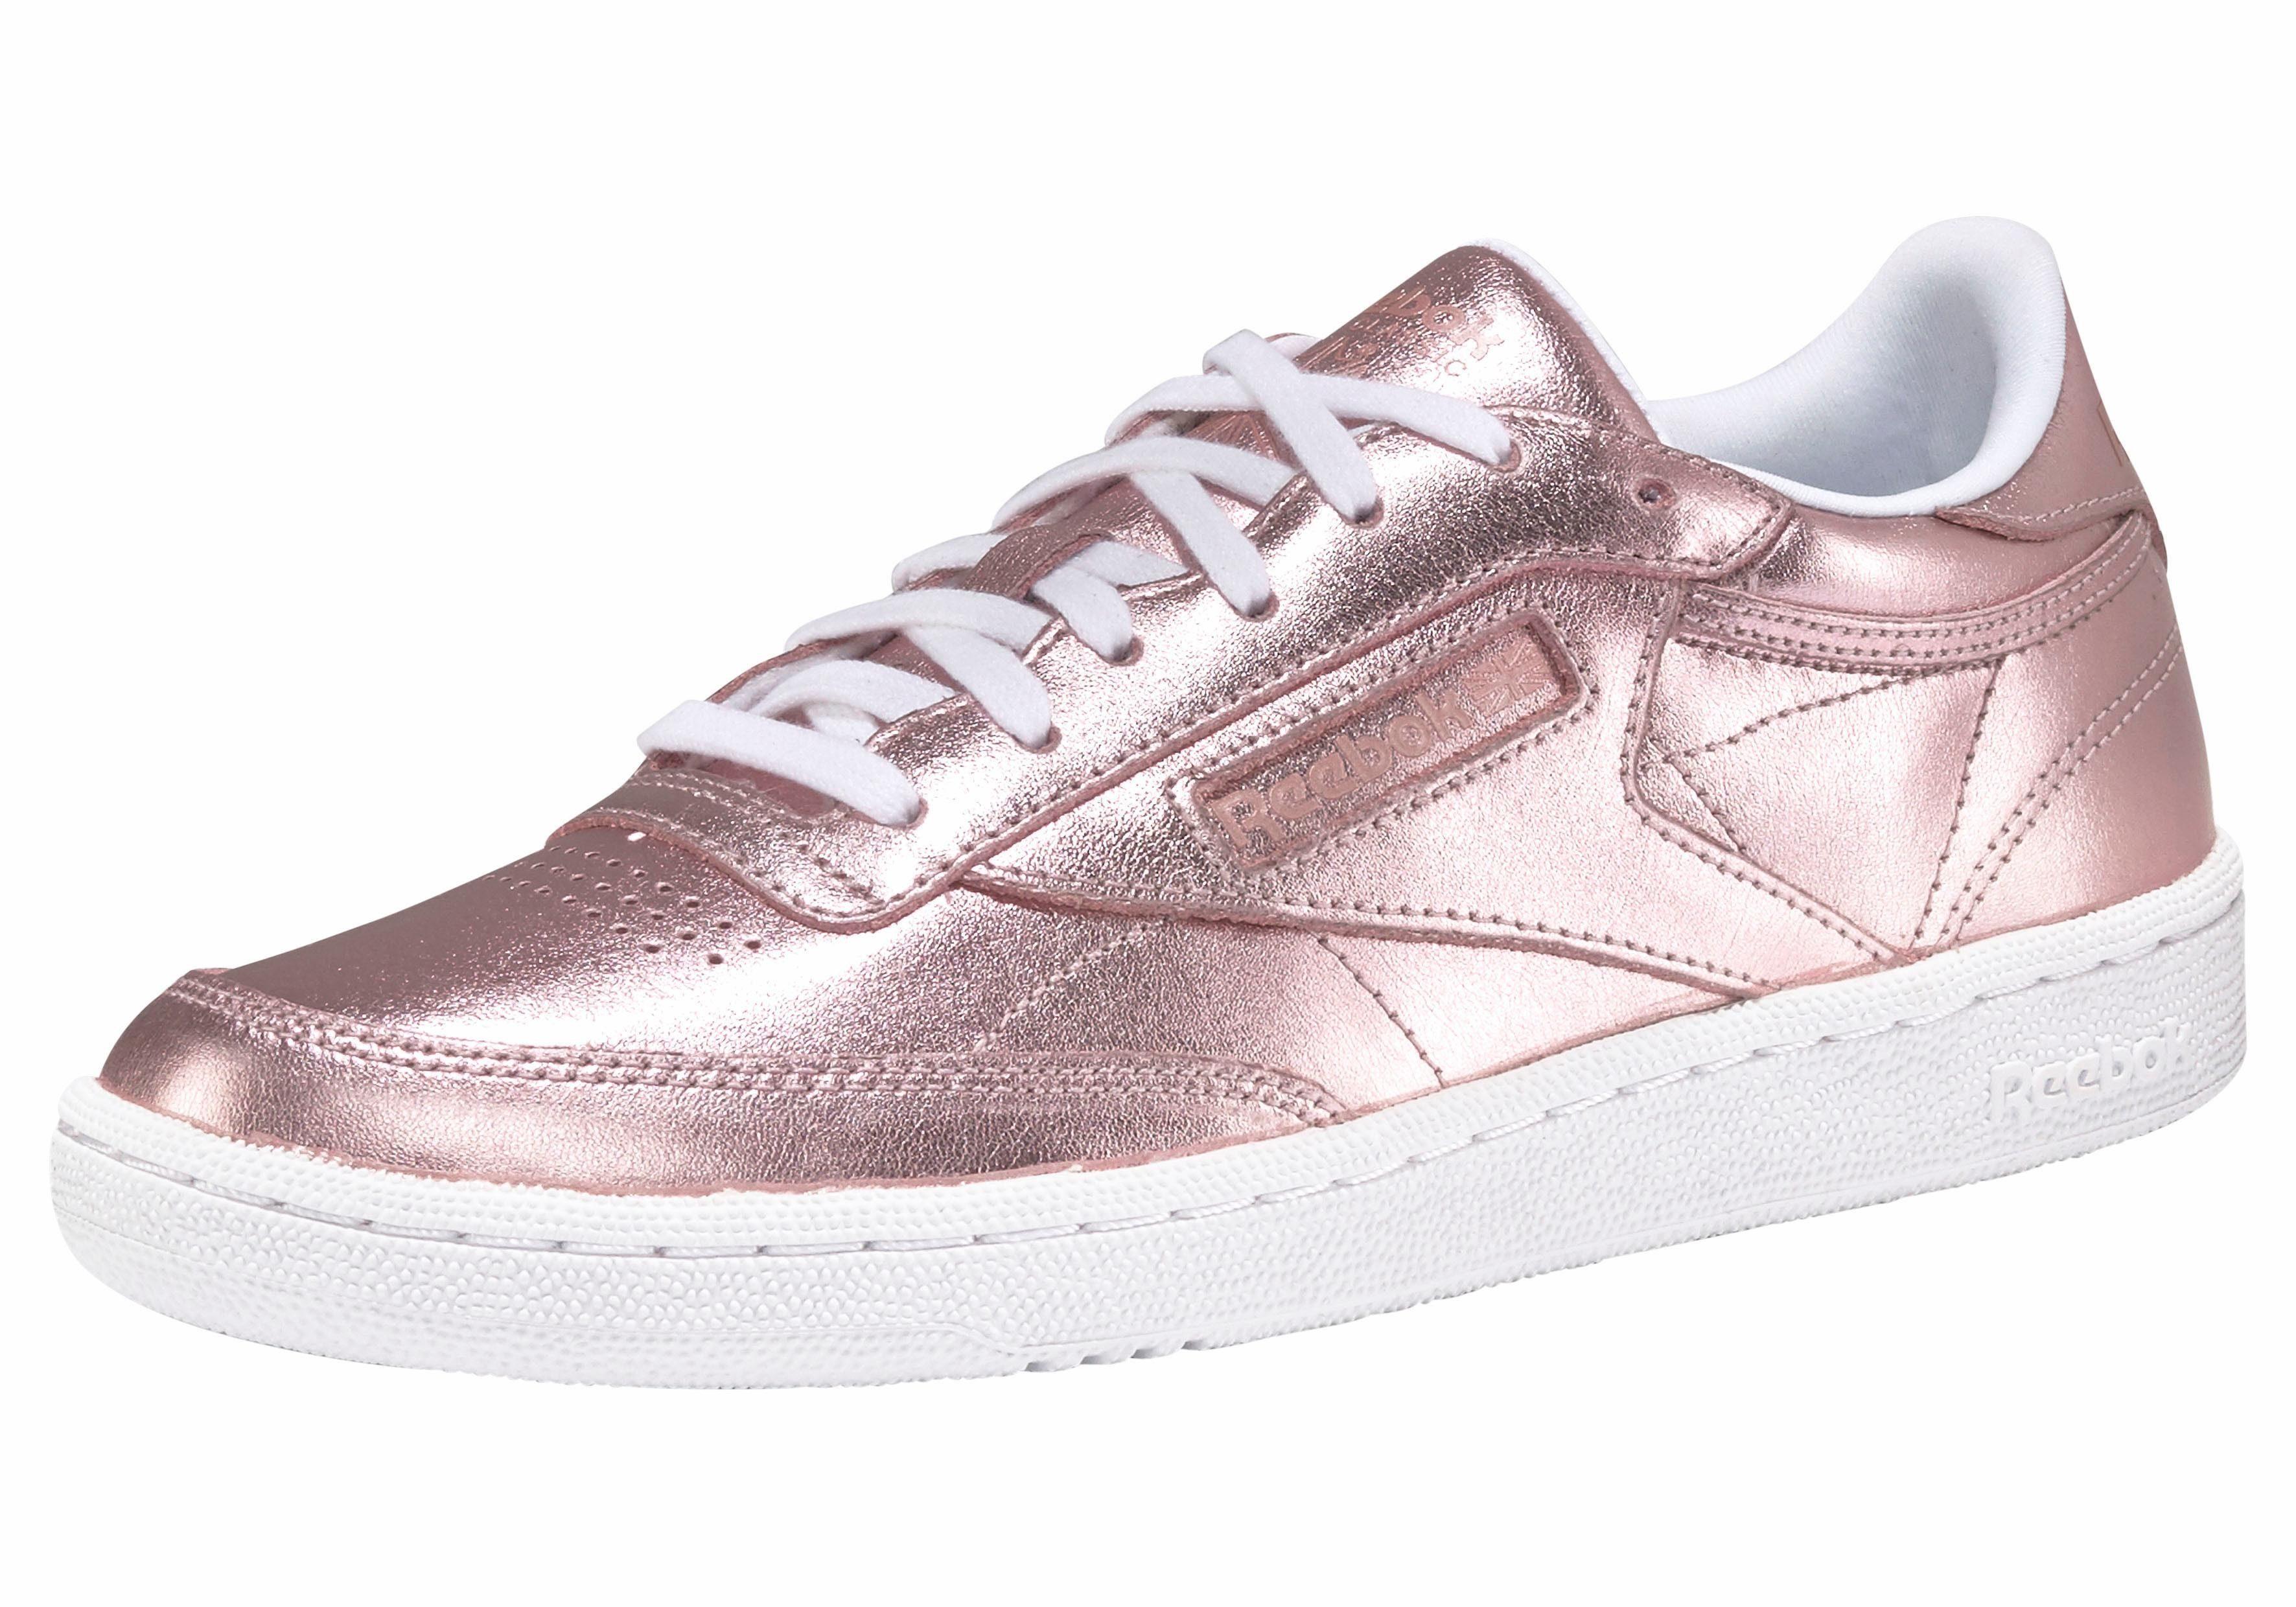 Reebok Classic »Club C 85 Shine« Sneaker, Trendiger Sneaker von Reebok online kaufen | OTTO